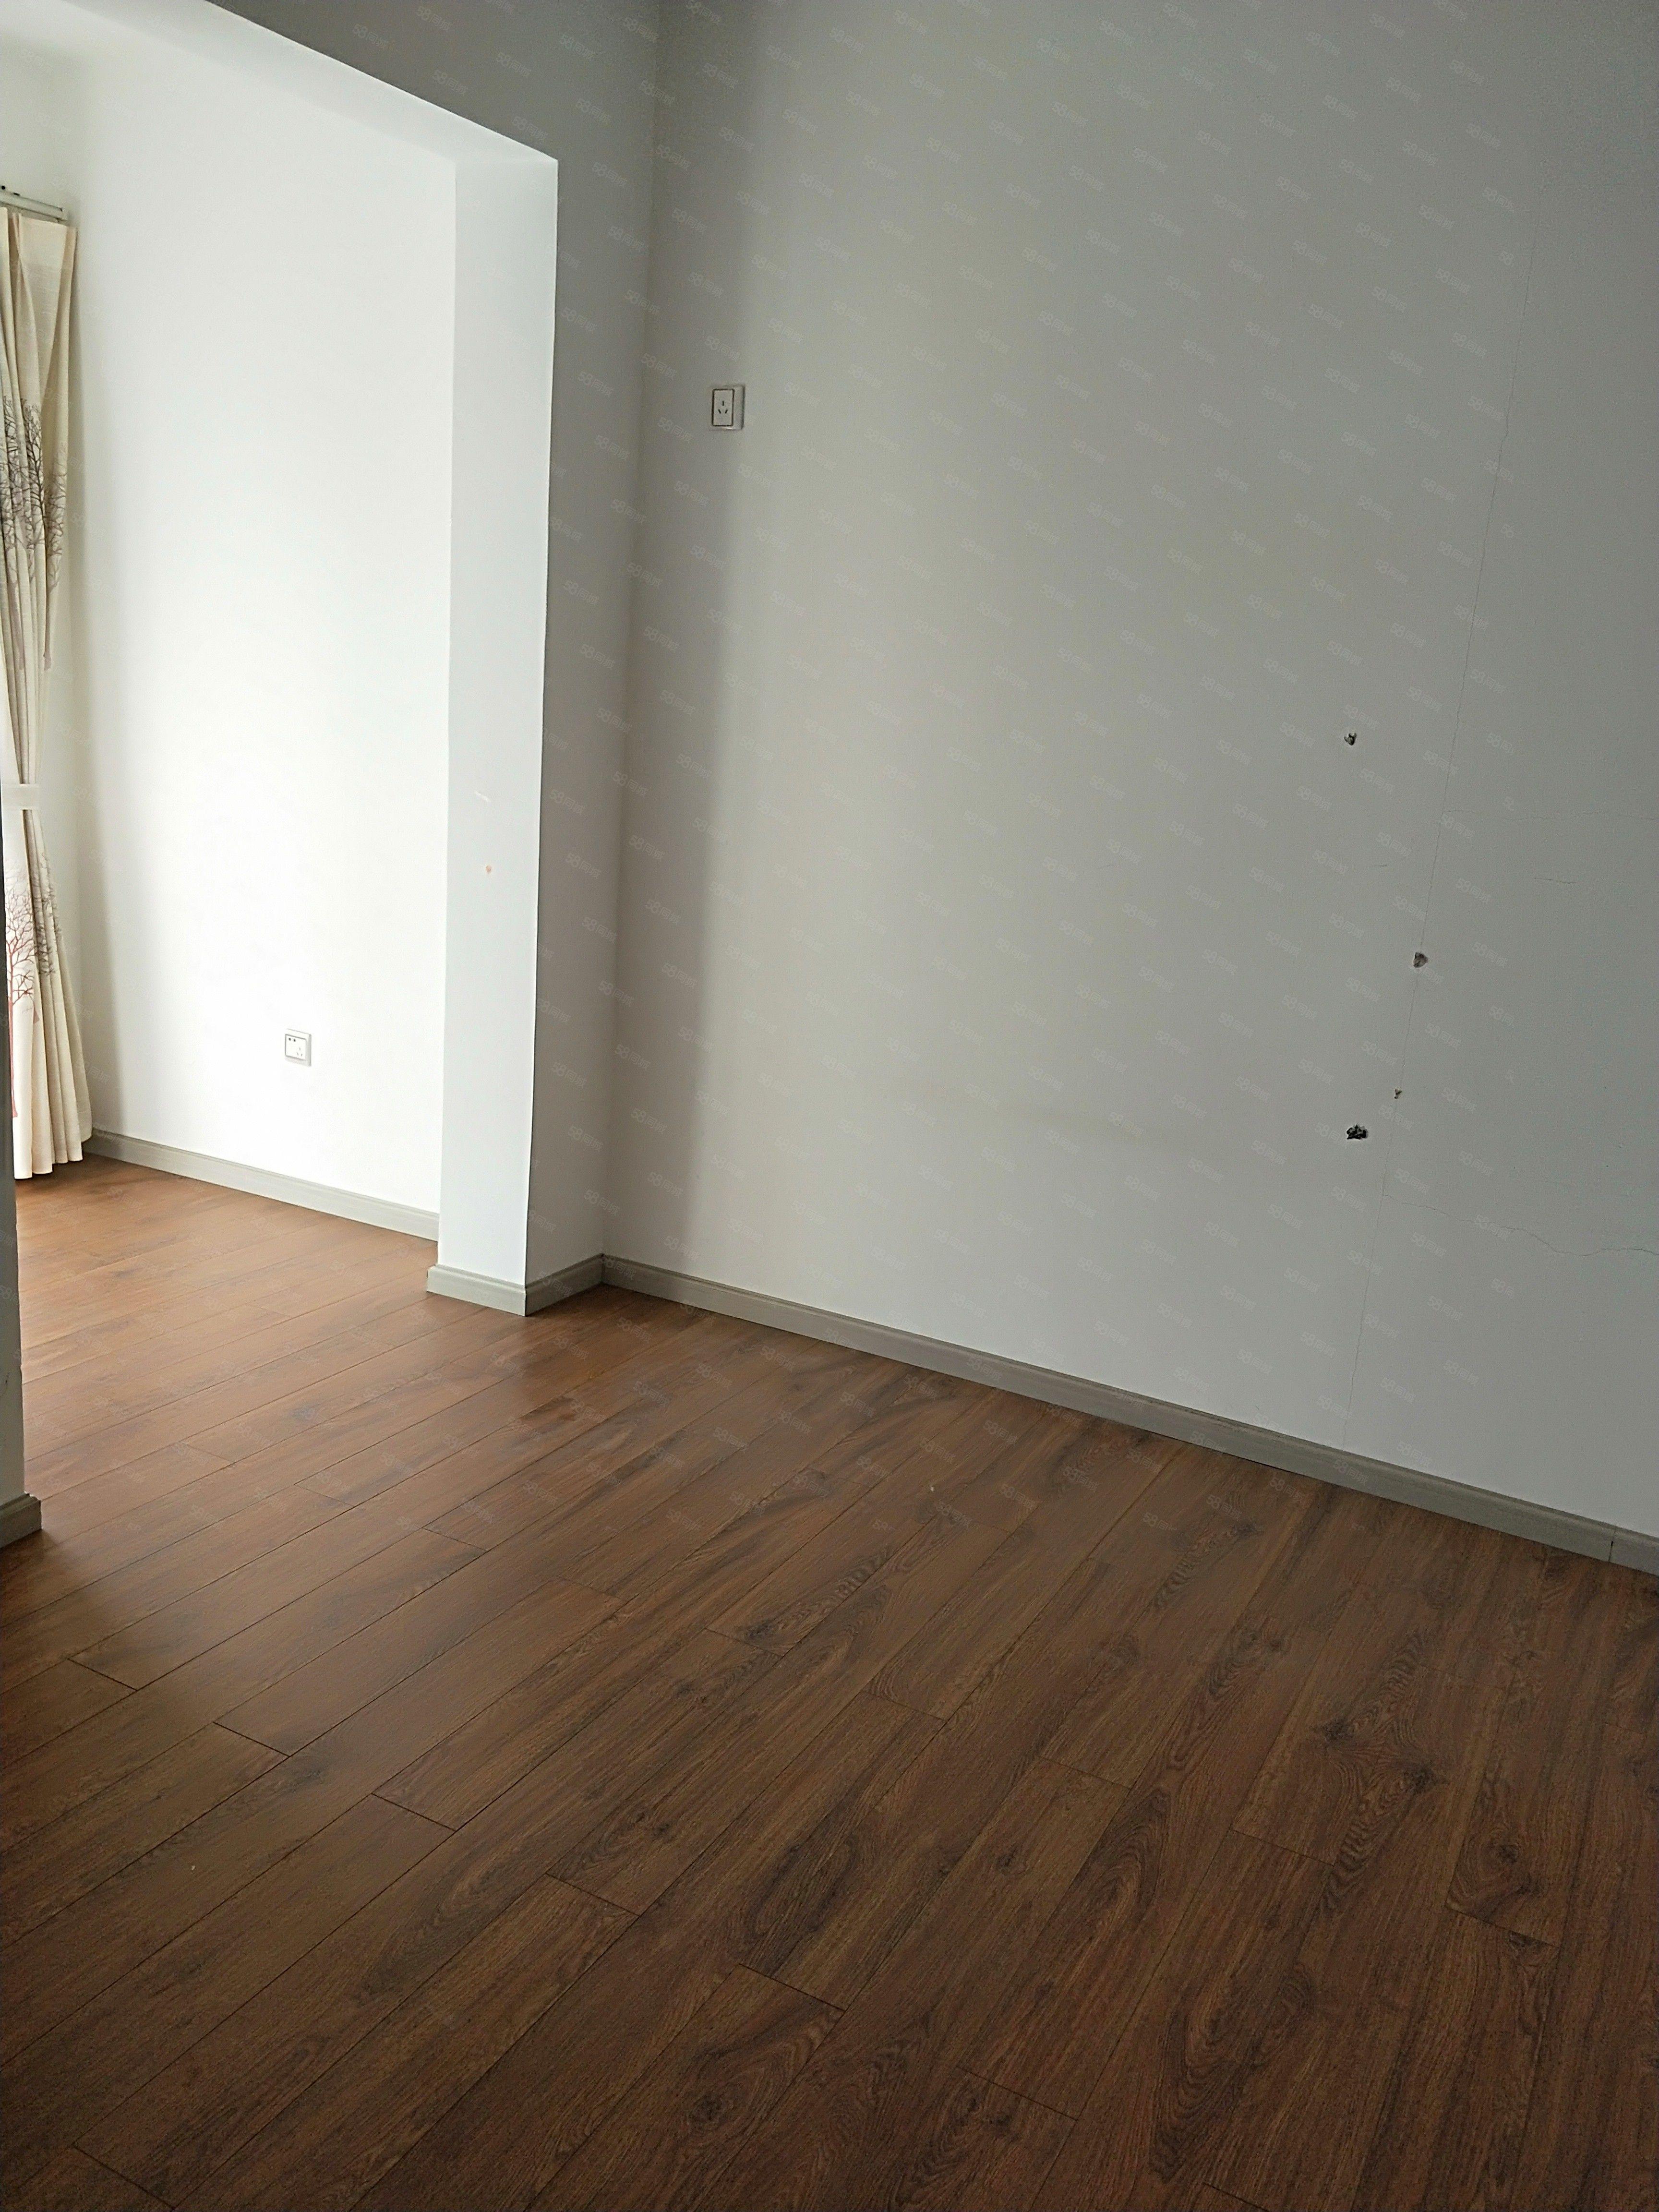 审计局宿舍区单家独院3室2厅2卫带院子